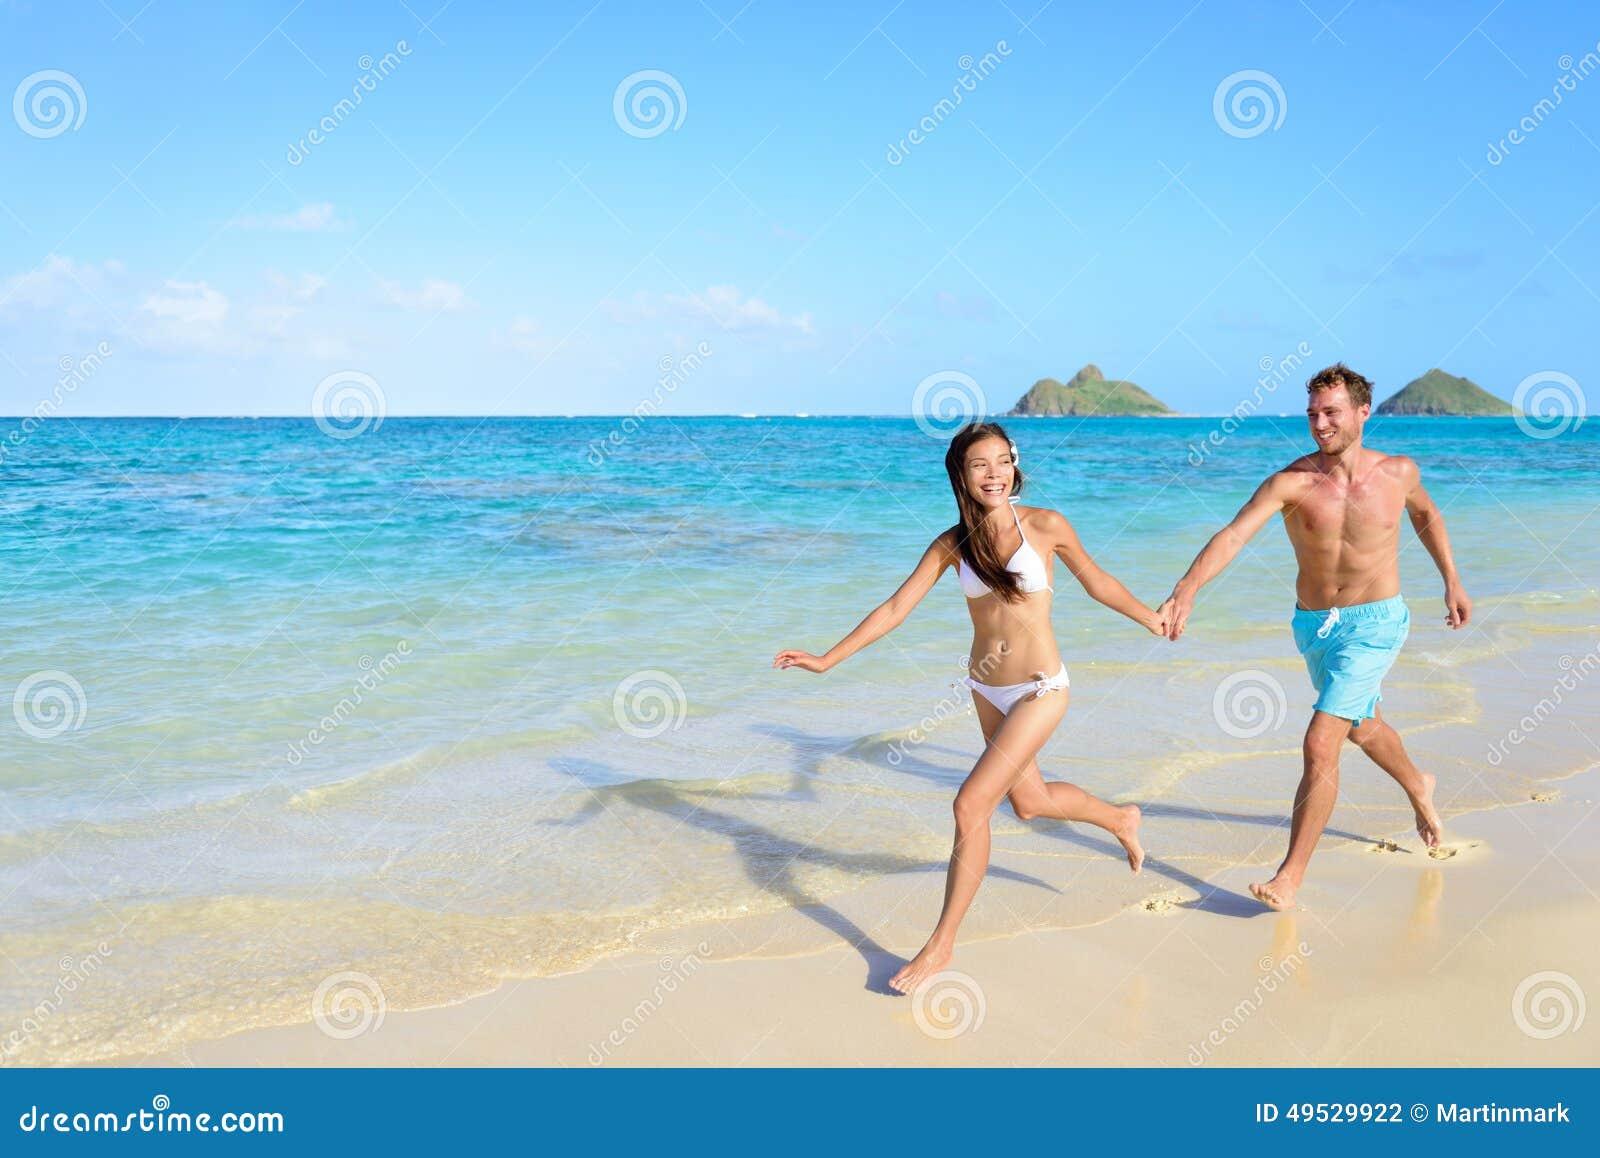 海滩假期-节日快乐在夏威夷